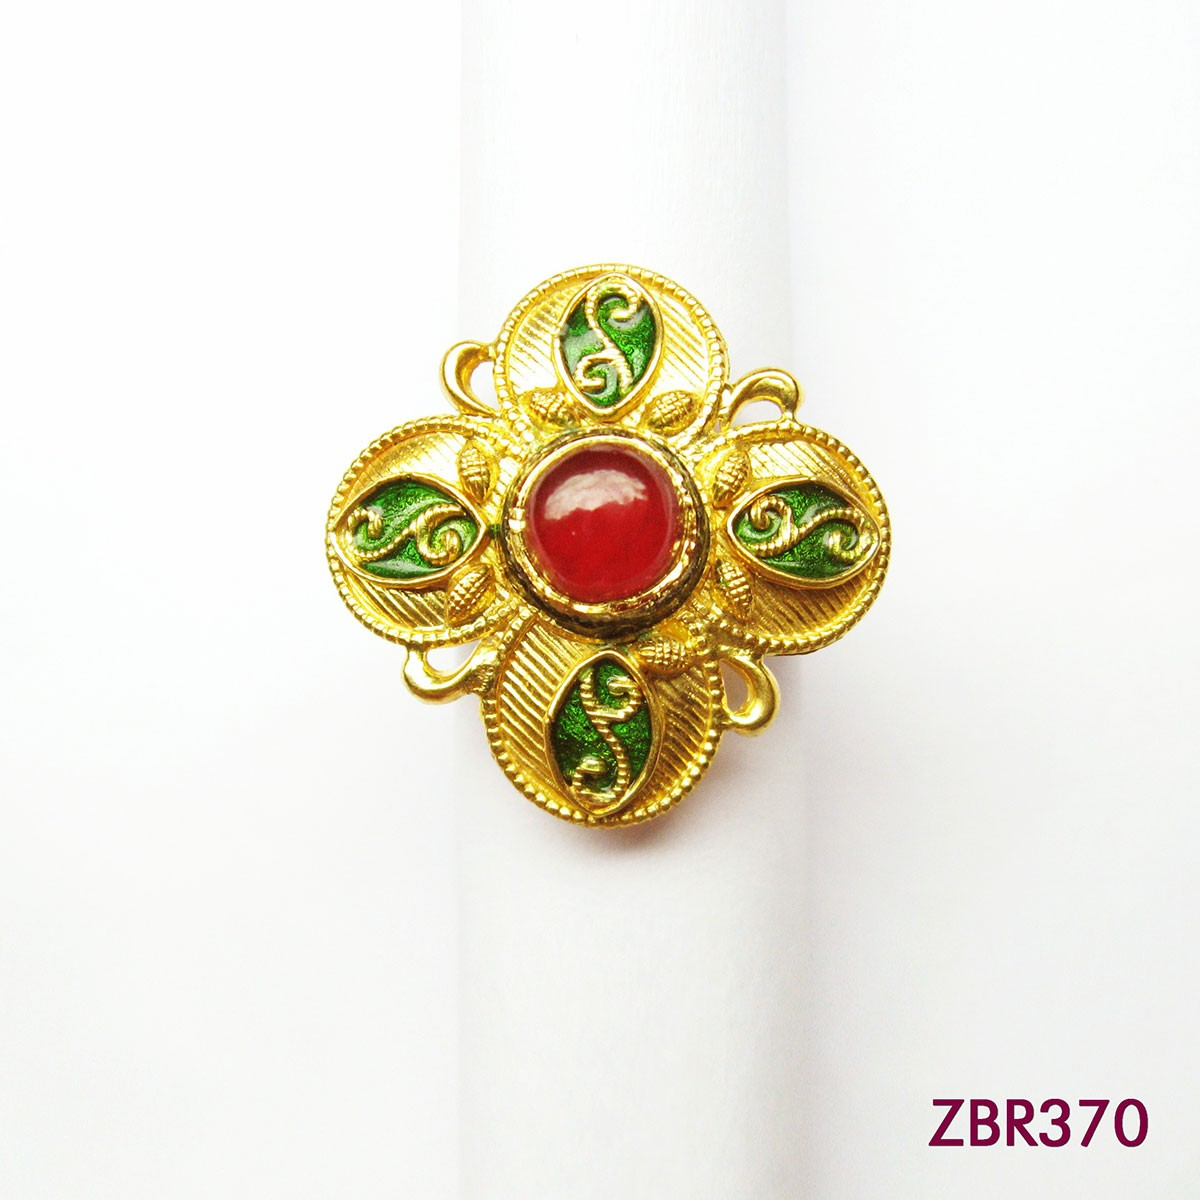 ZBR370